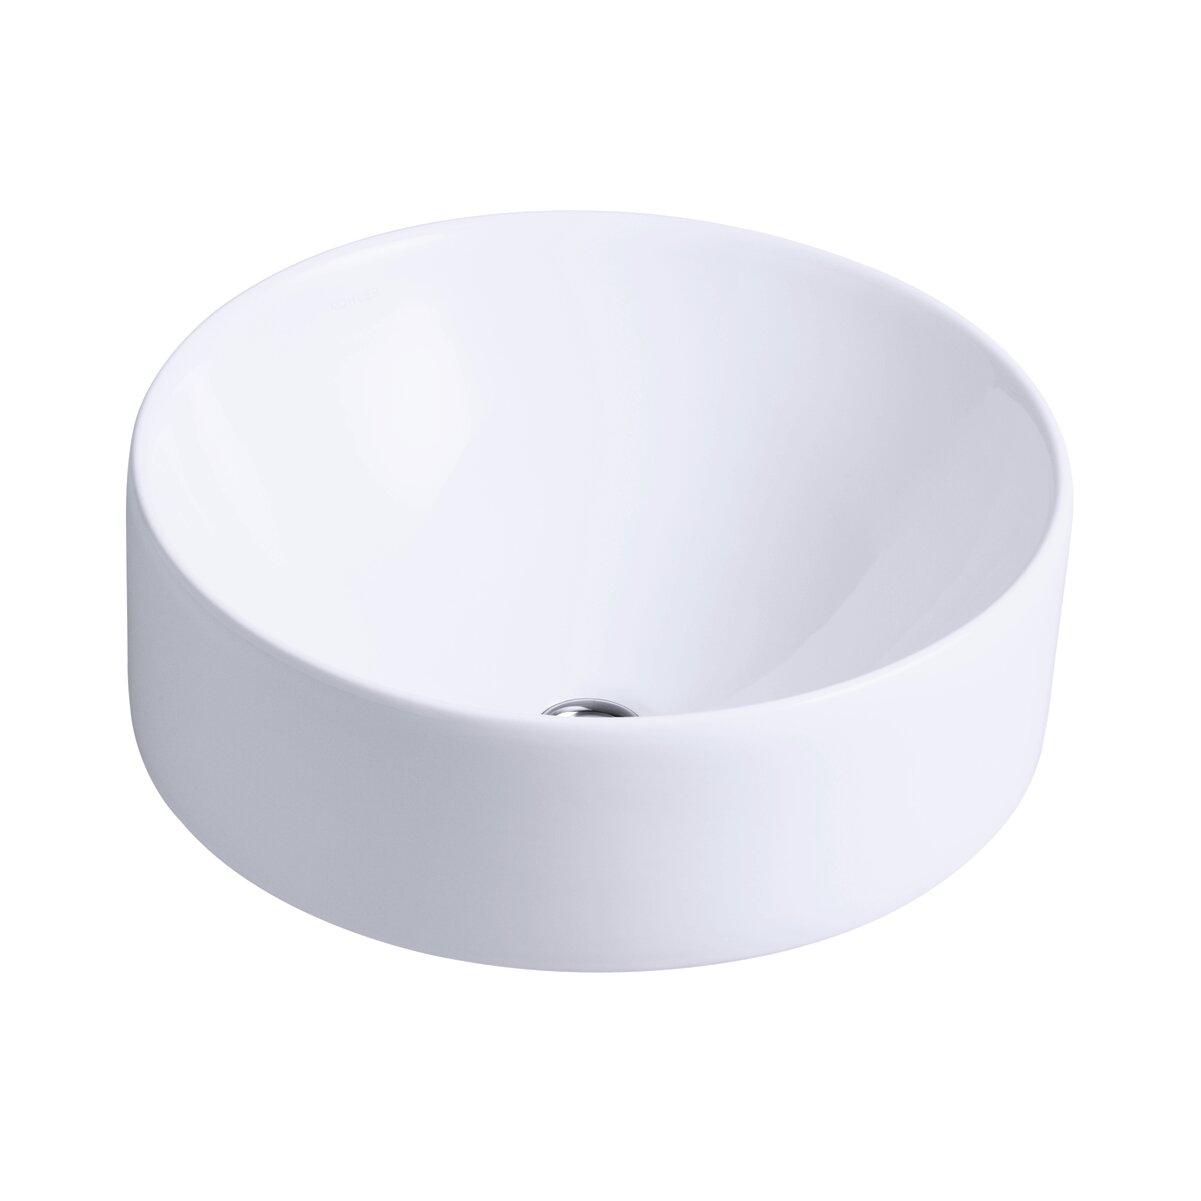 K 14800 0,47,7 Kohler Vox Ceramic Circular Vessel Bathroom Sink With  Overflow U0026 Reviews | Wayfair